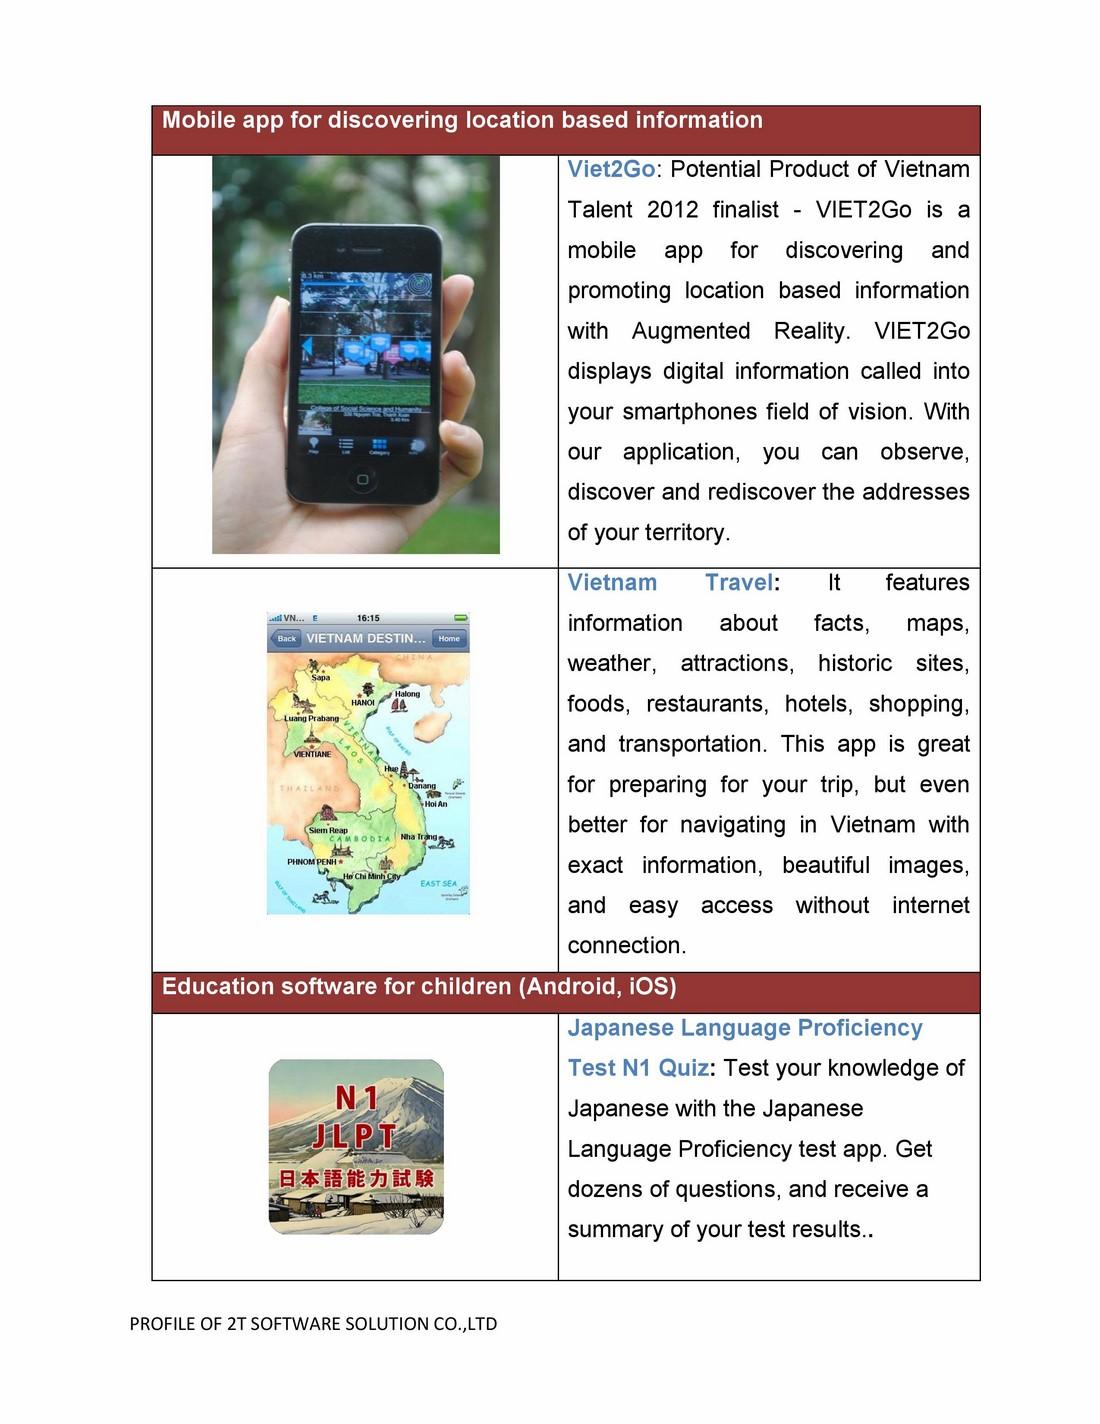 2TS Profile_eng-page-016 (Copy)